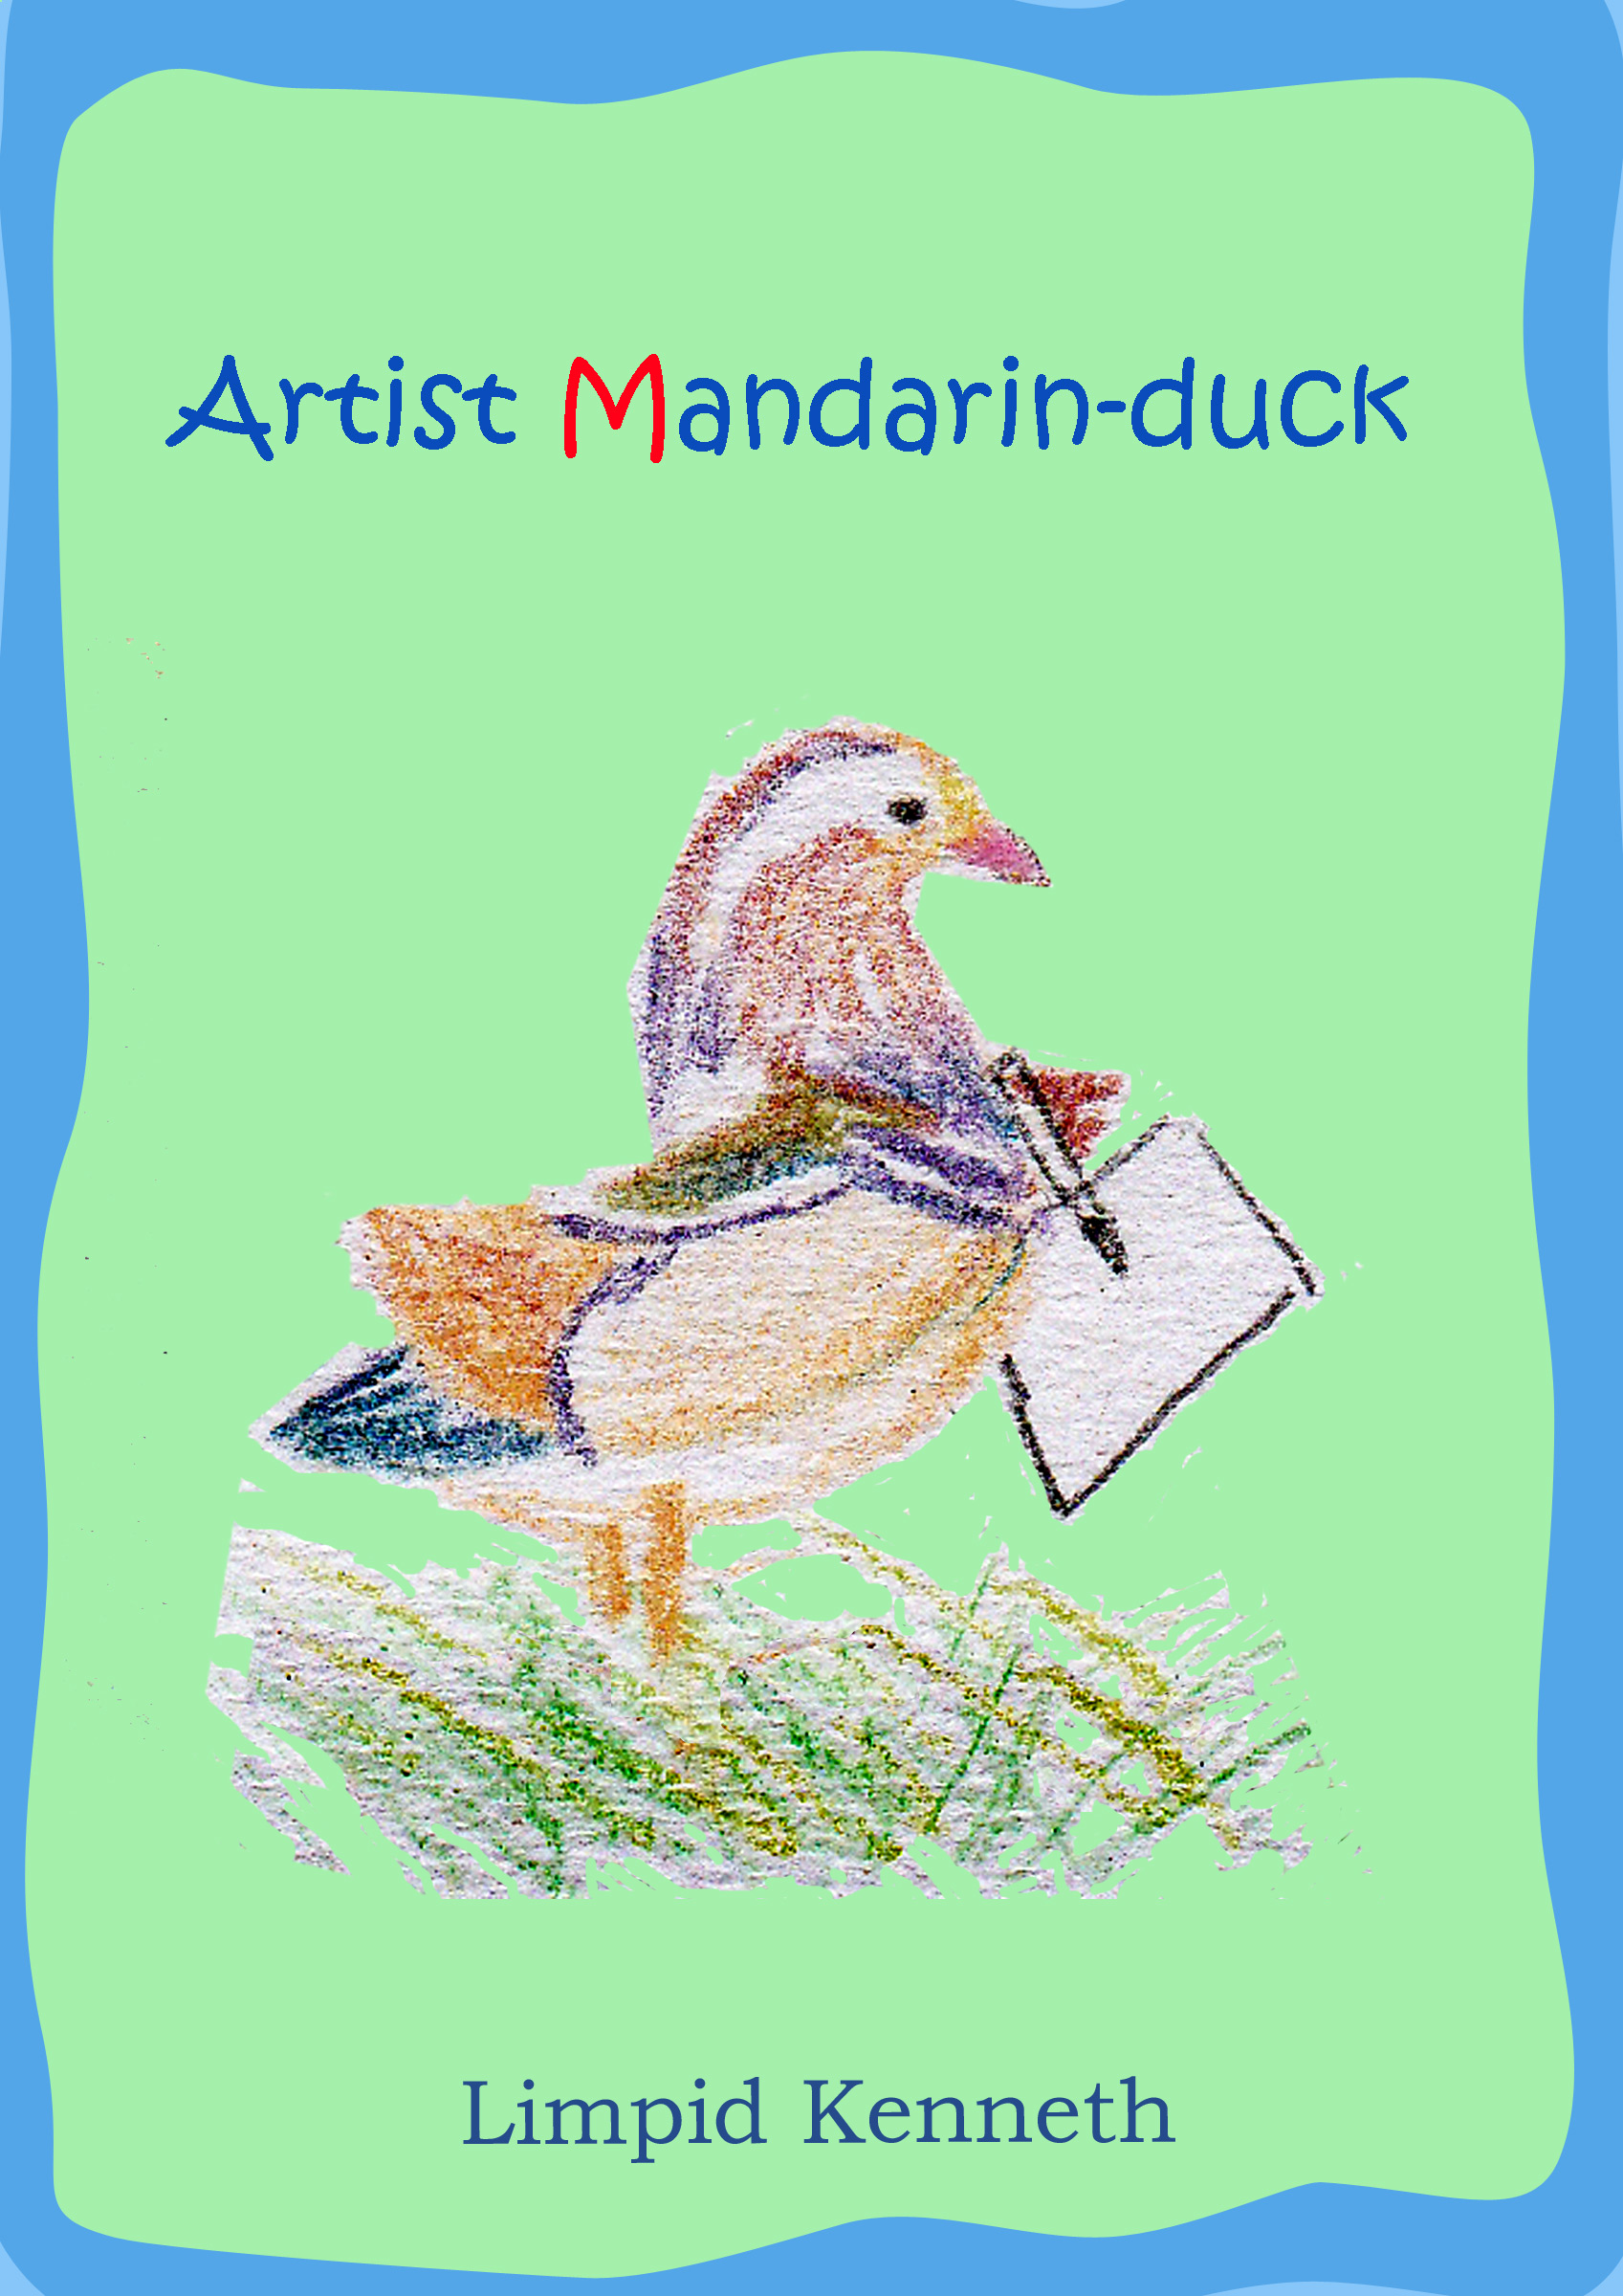 Limpid Kenneth - Artist Mandarin-duck